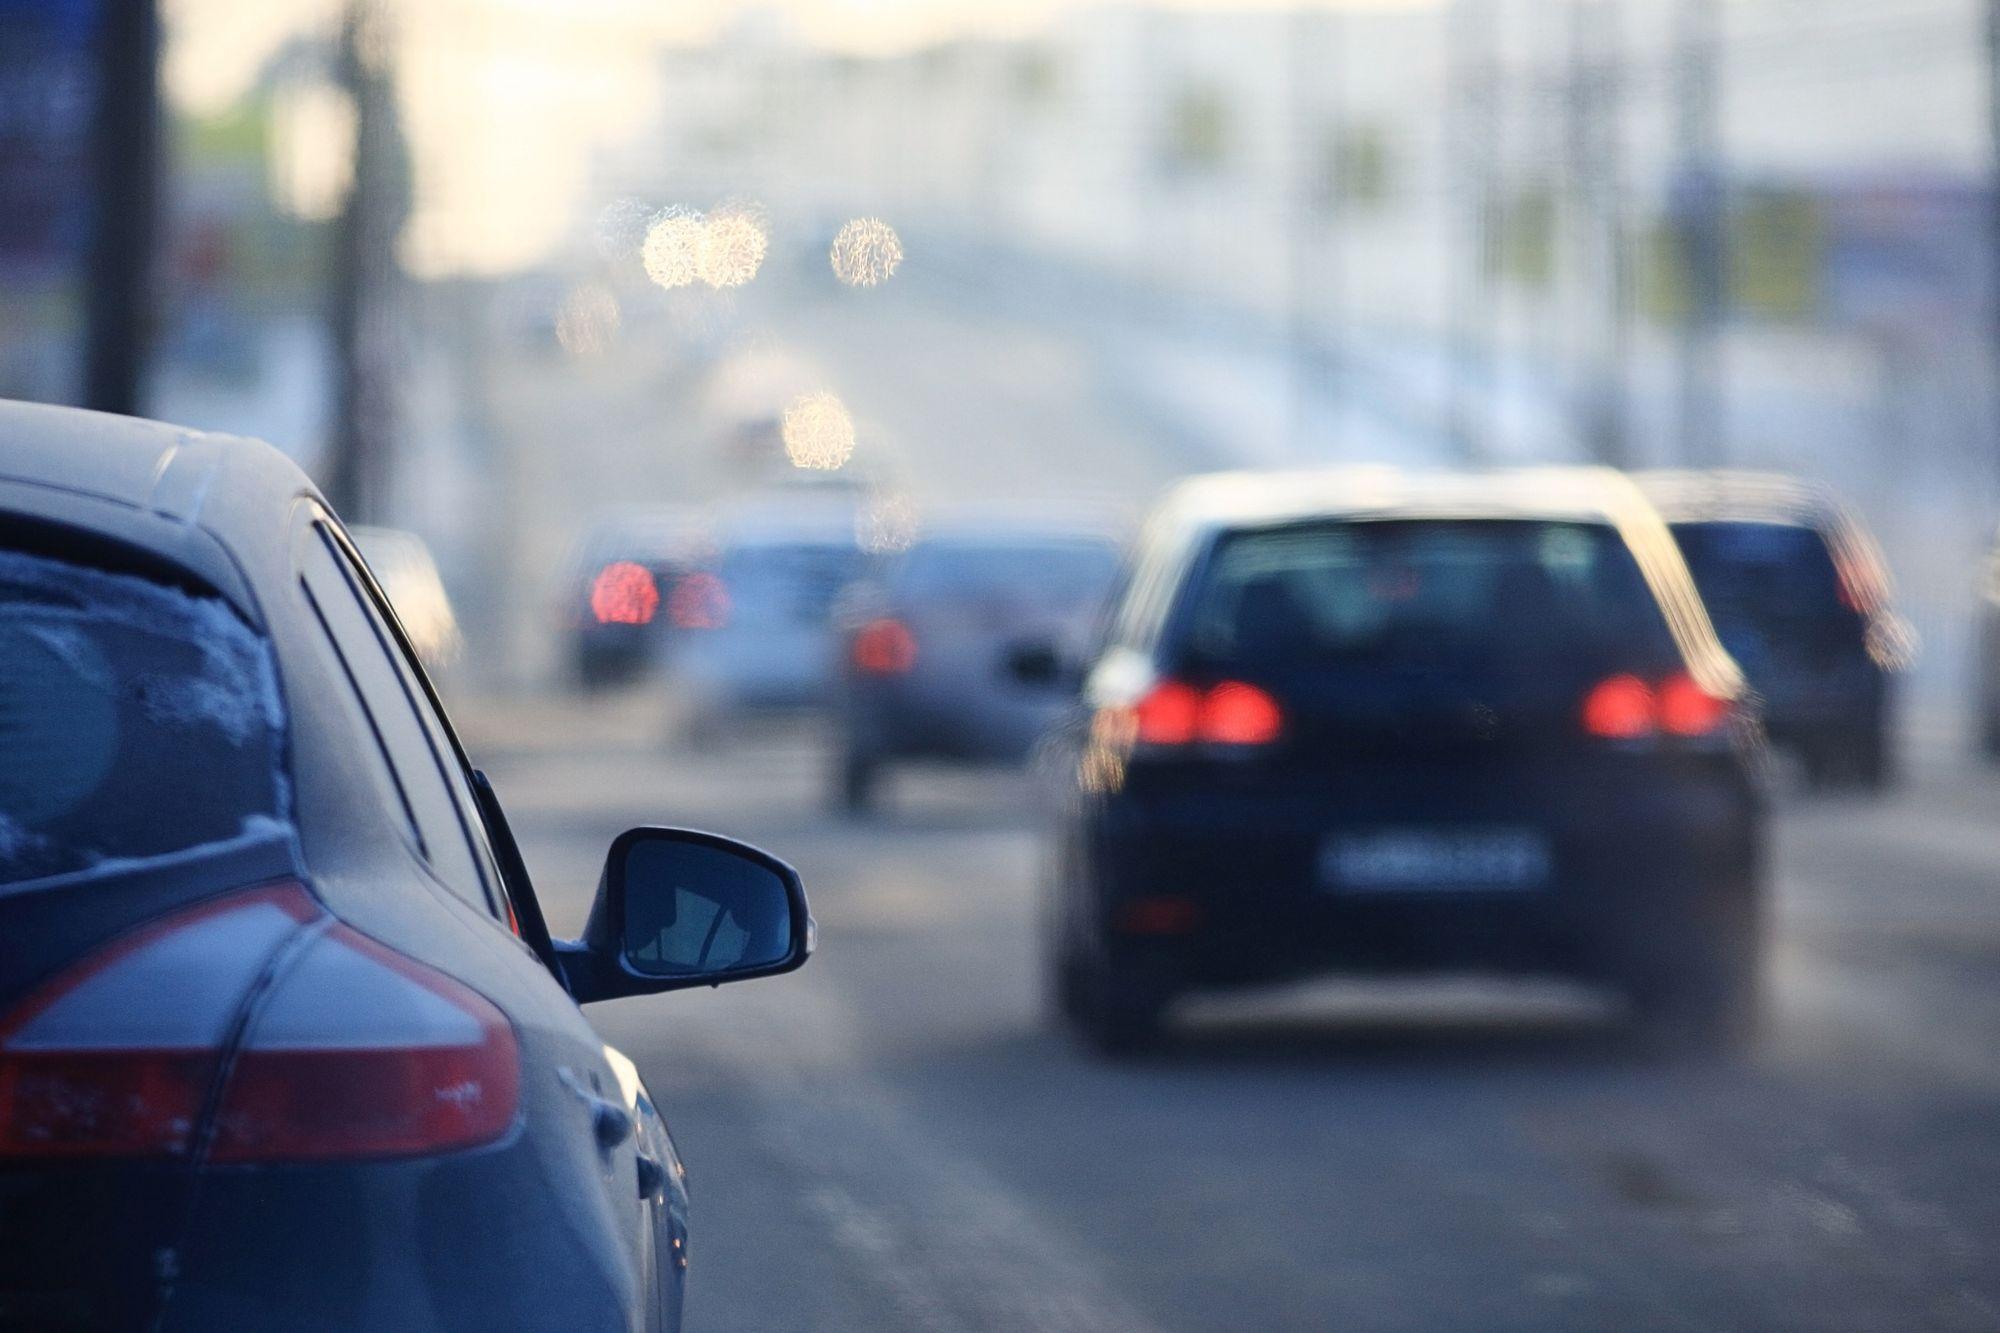 Αυτοκίνητα σε έναν δρόμο